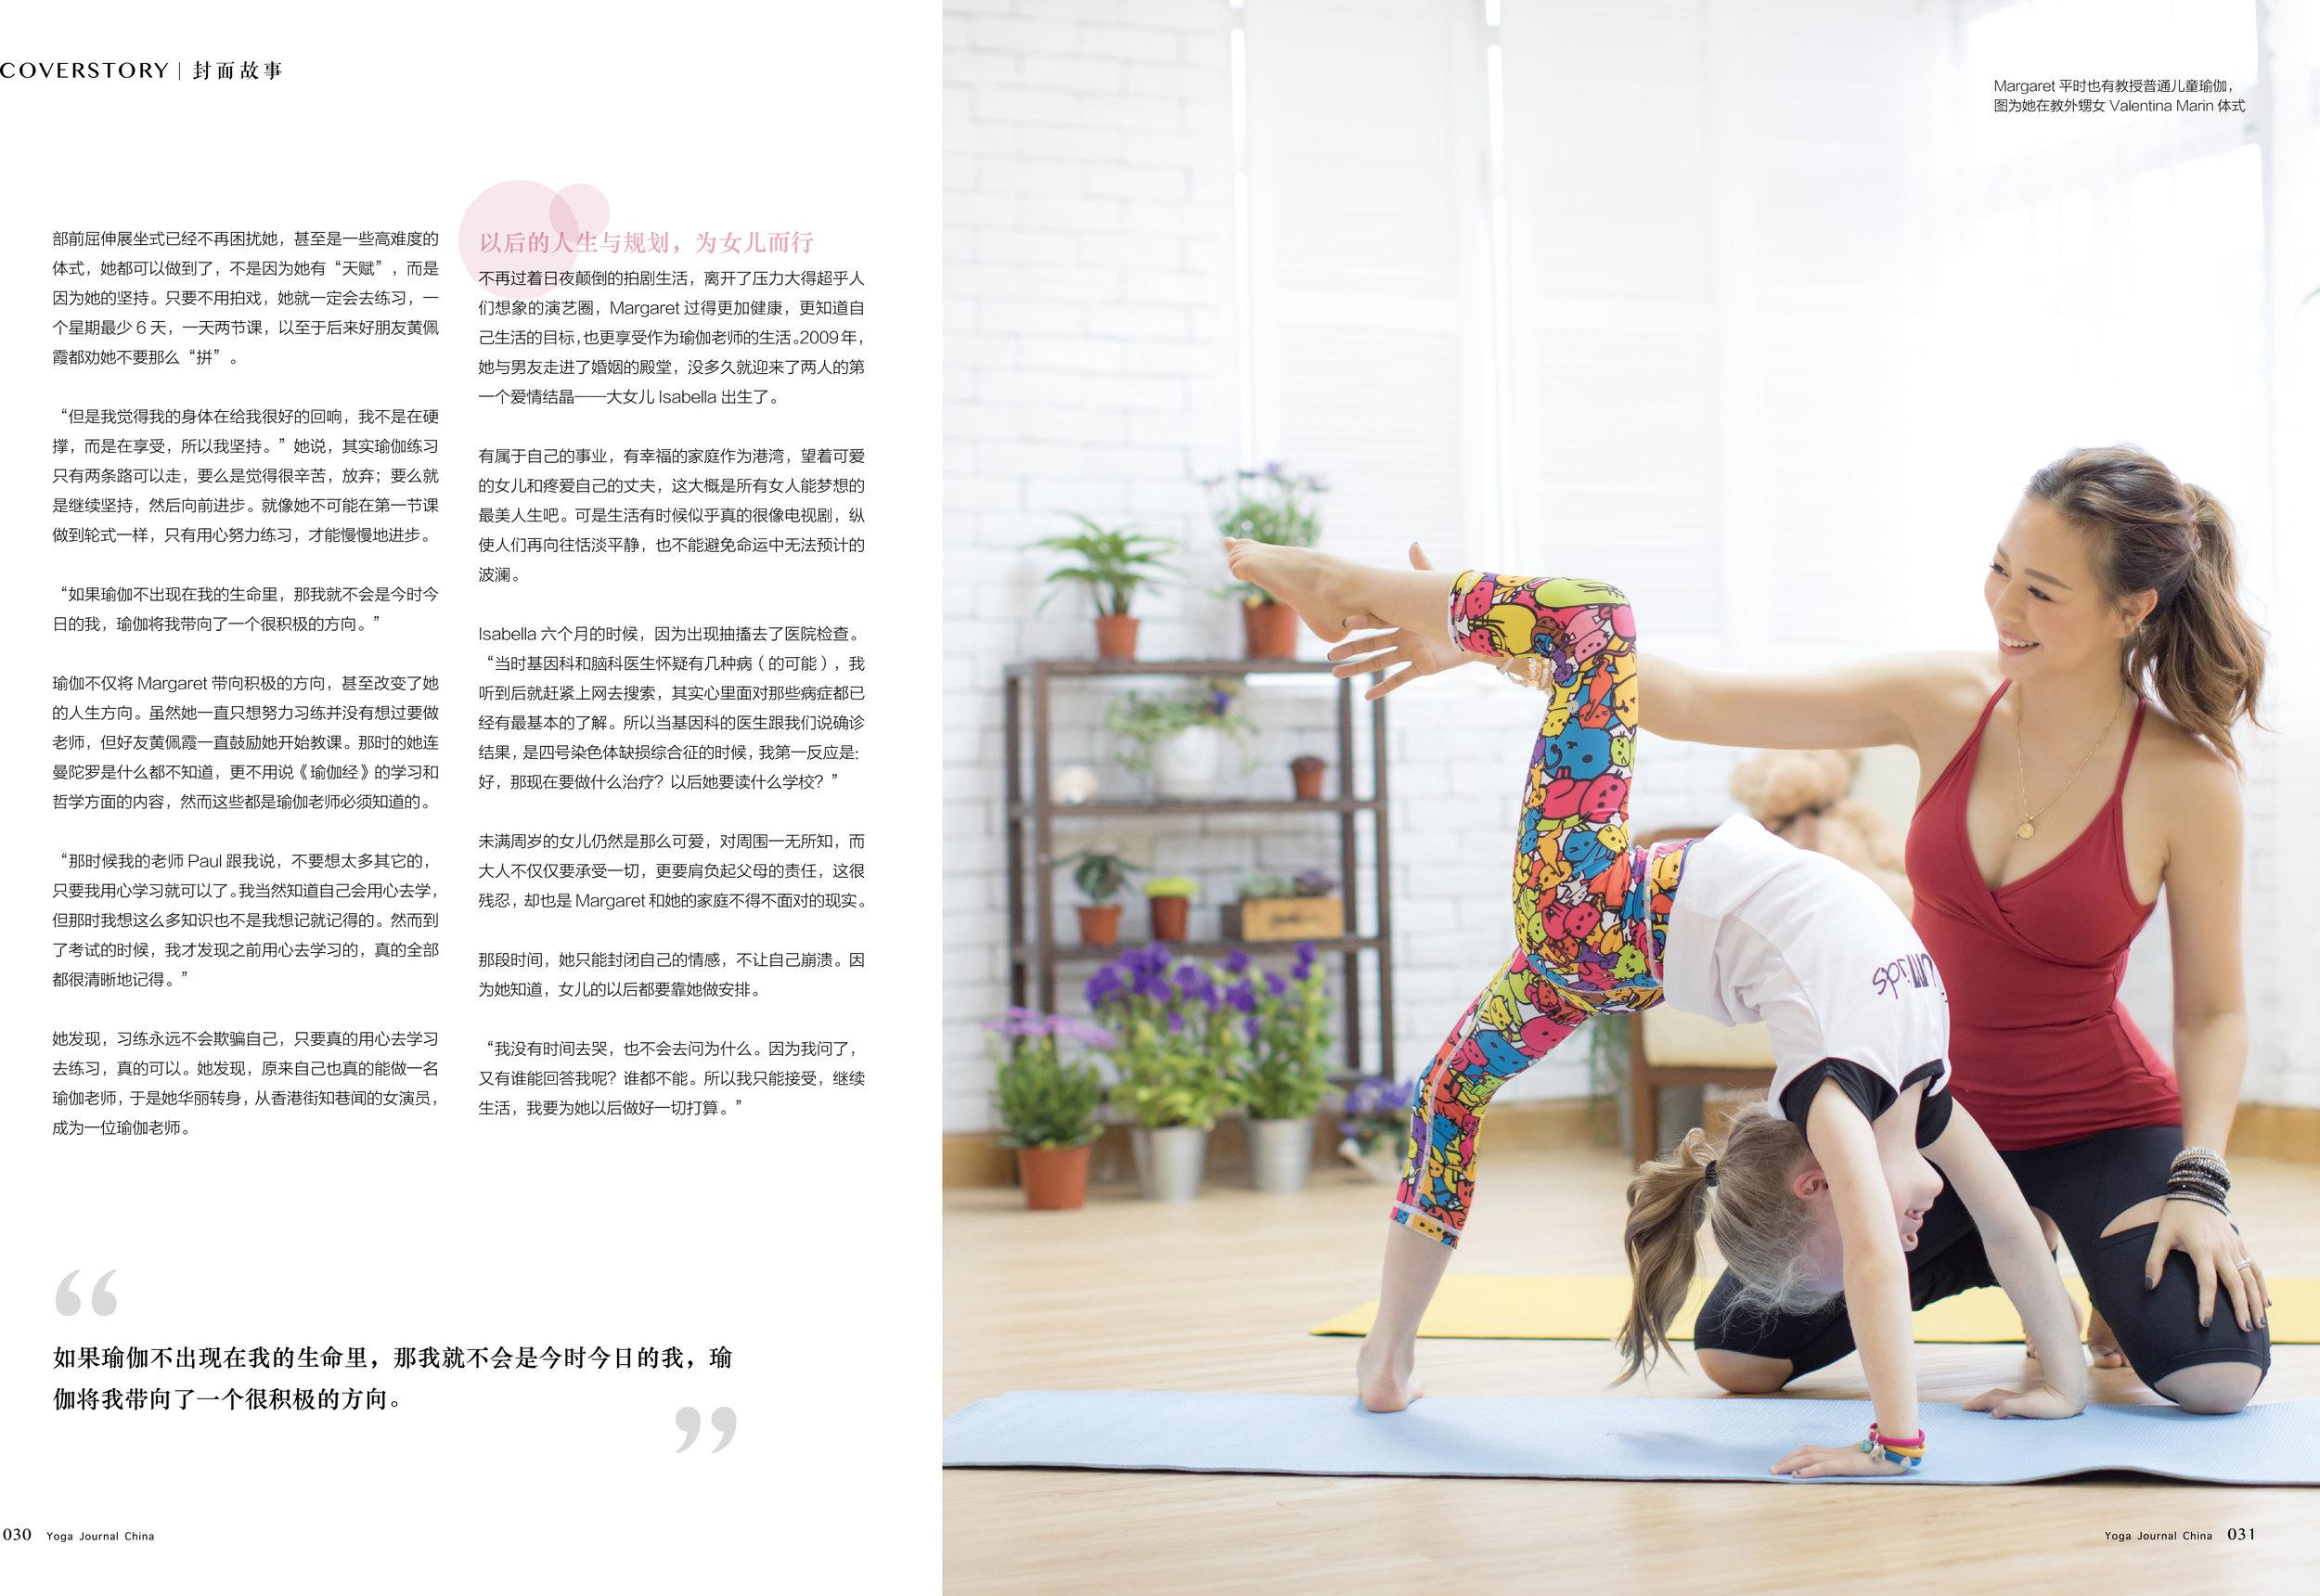 Yogajournal Coverstory Margaret Chung03.jpg